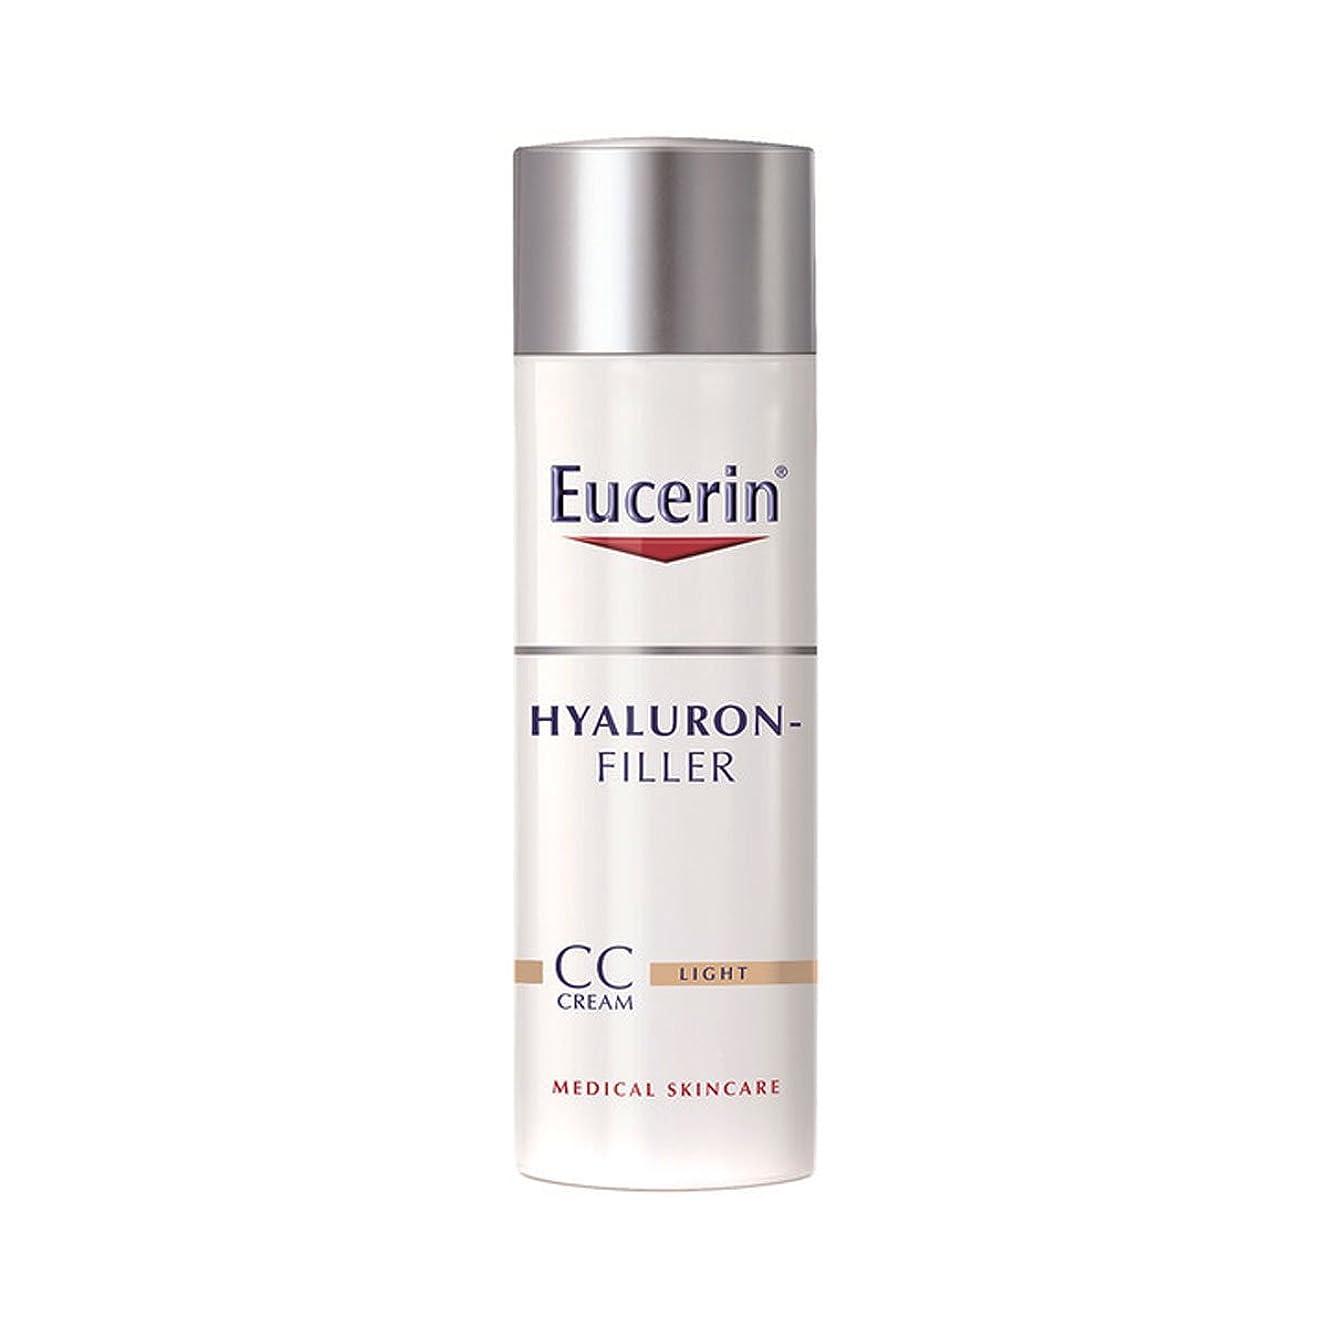 アーカイブ連想エンターテインメントEucerin Hyaluron-filler Cc Cream Light 50ml [並行輸入品]